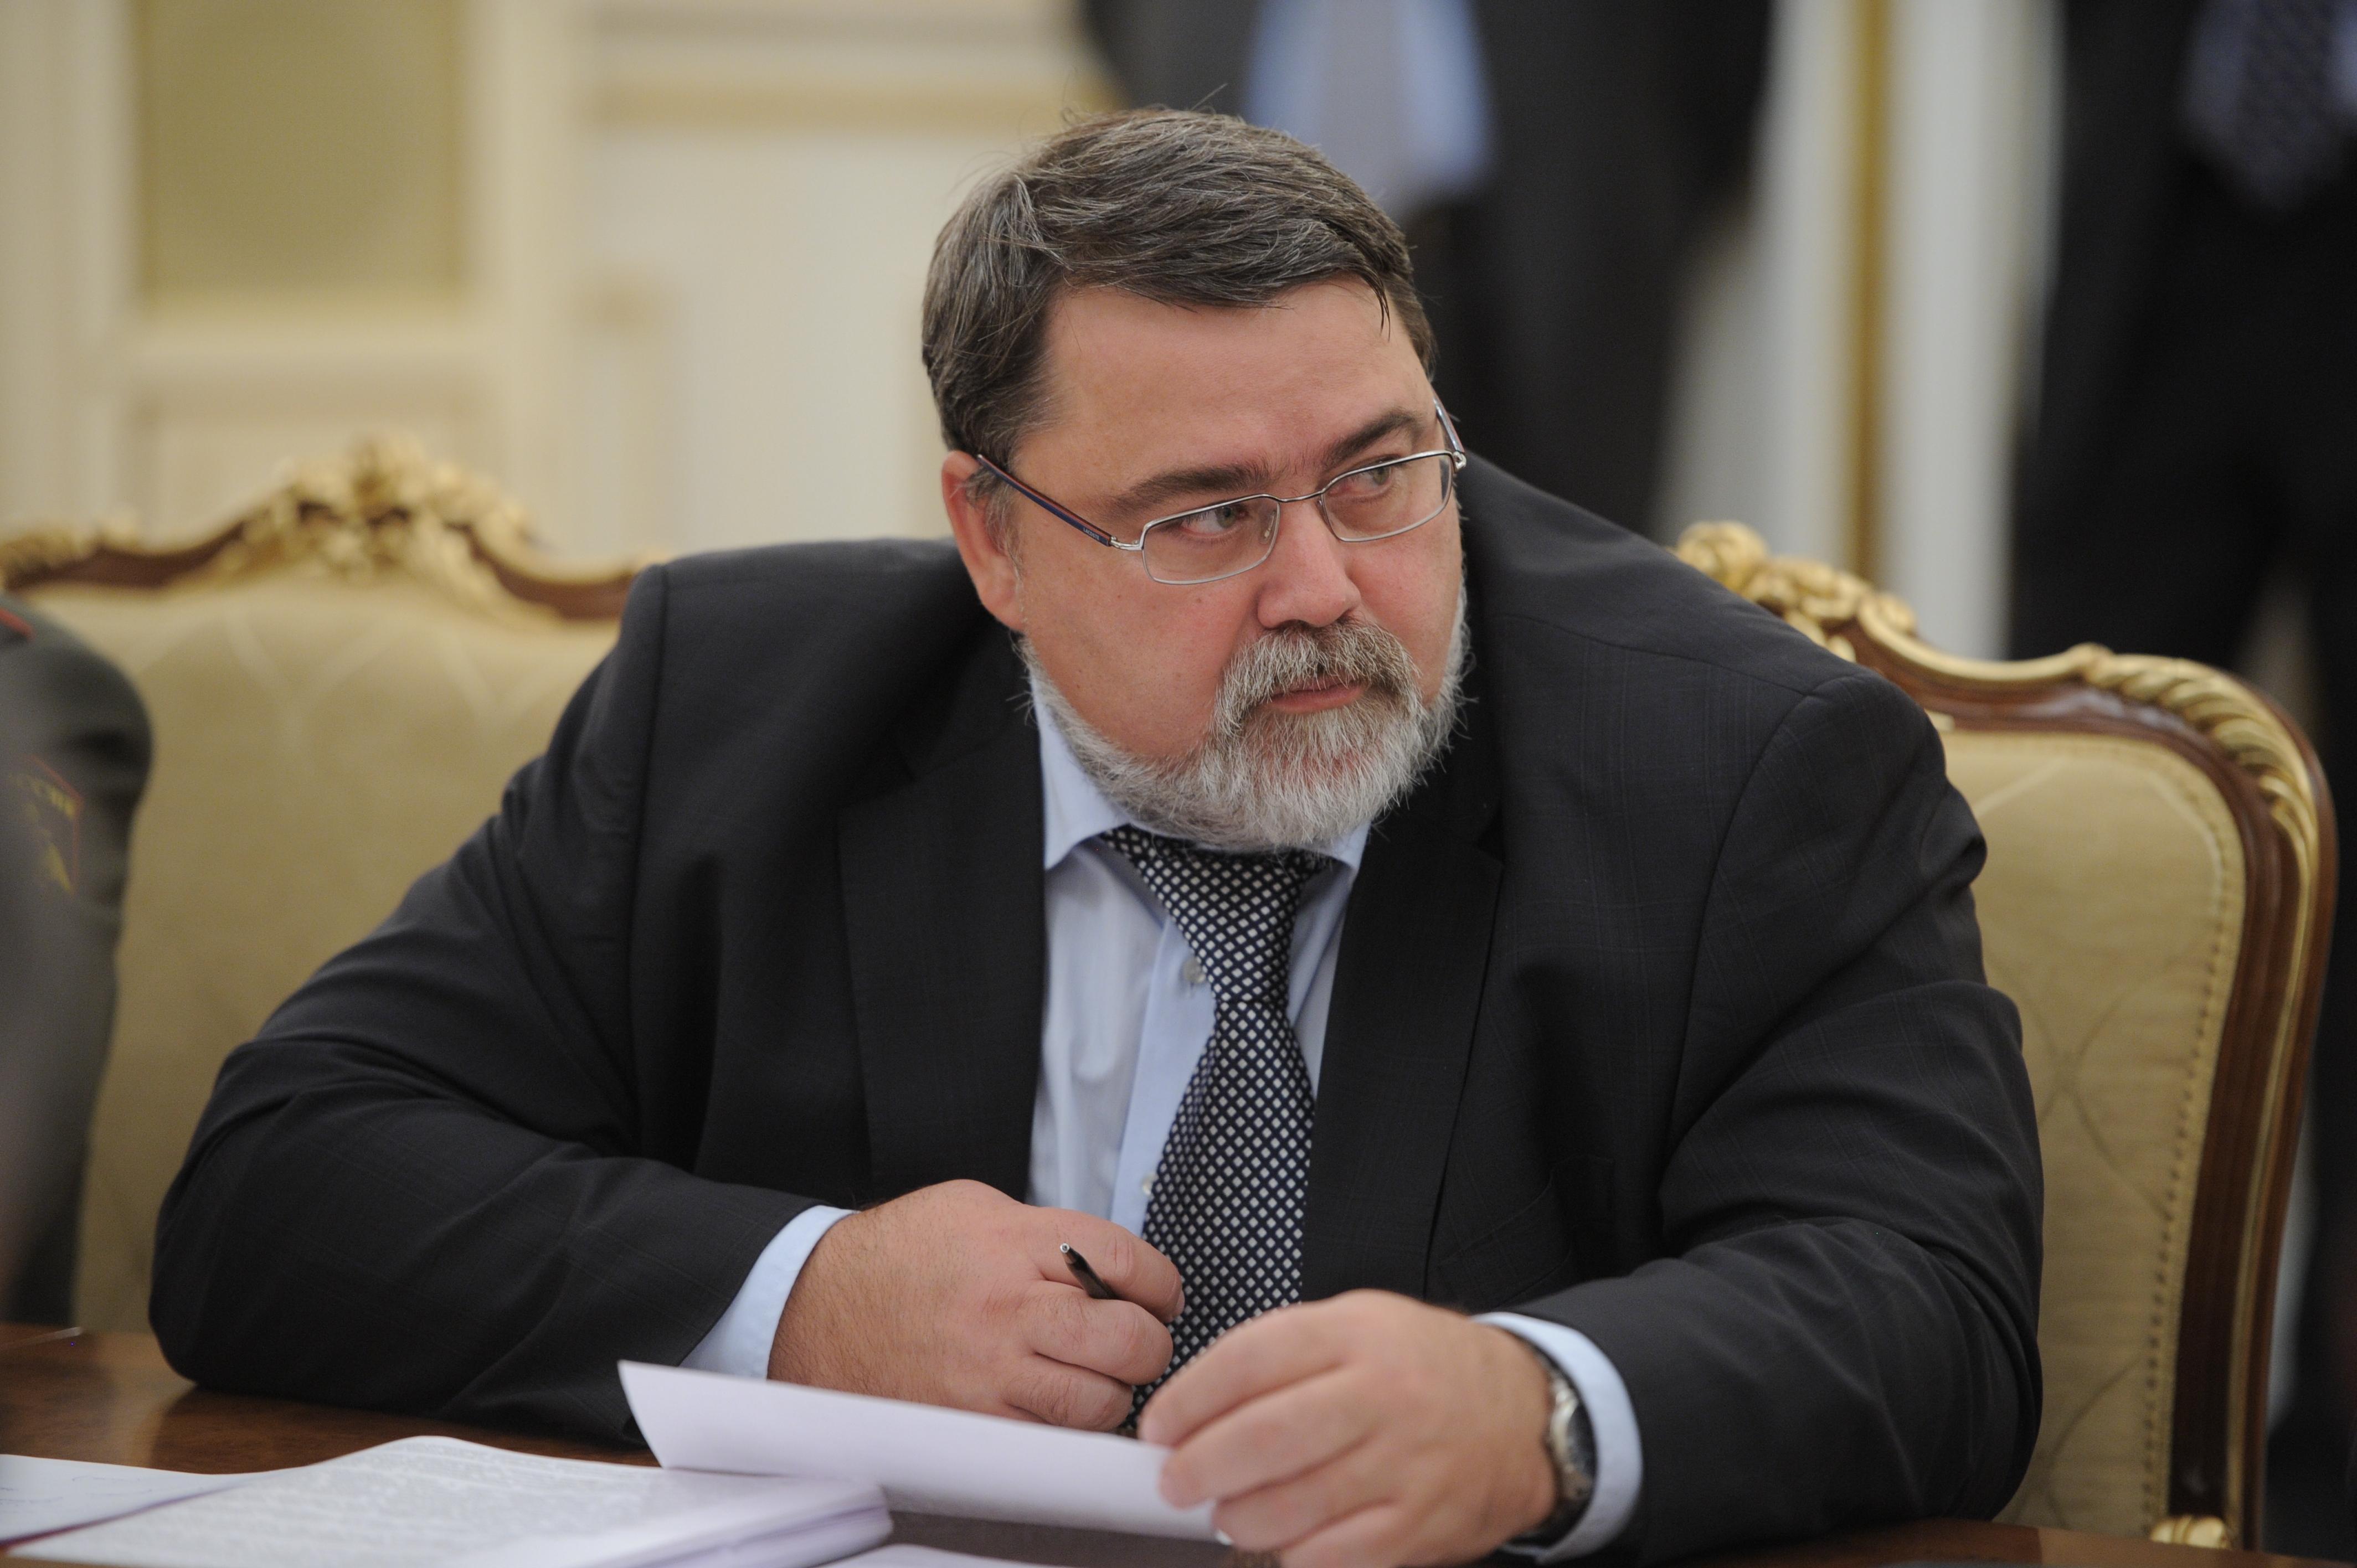 Артемьев, Игорь Юрьевич — Википедия